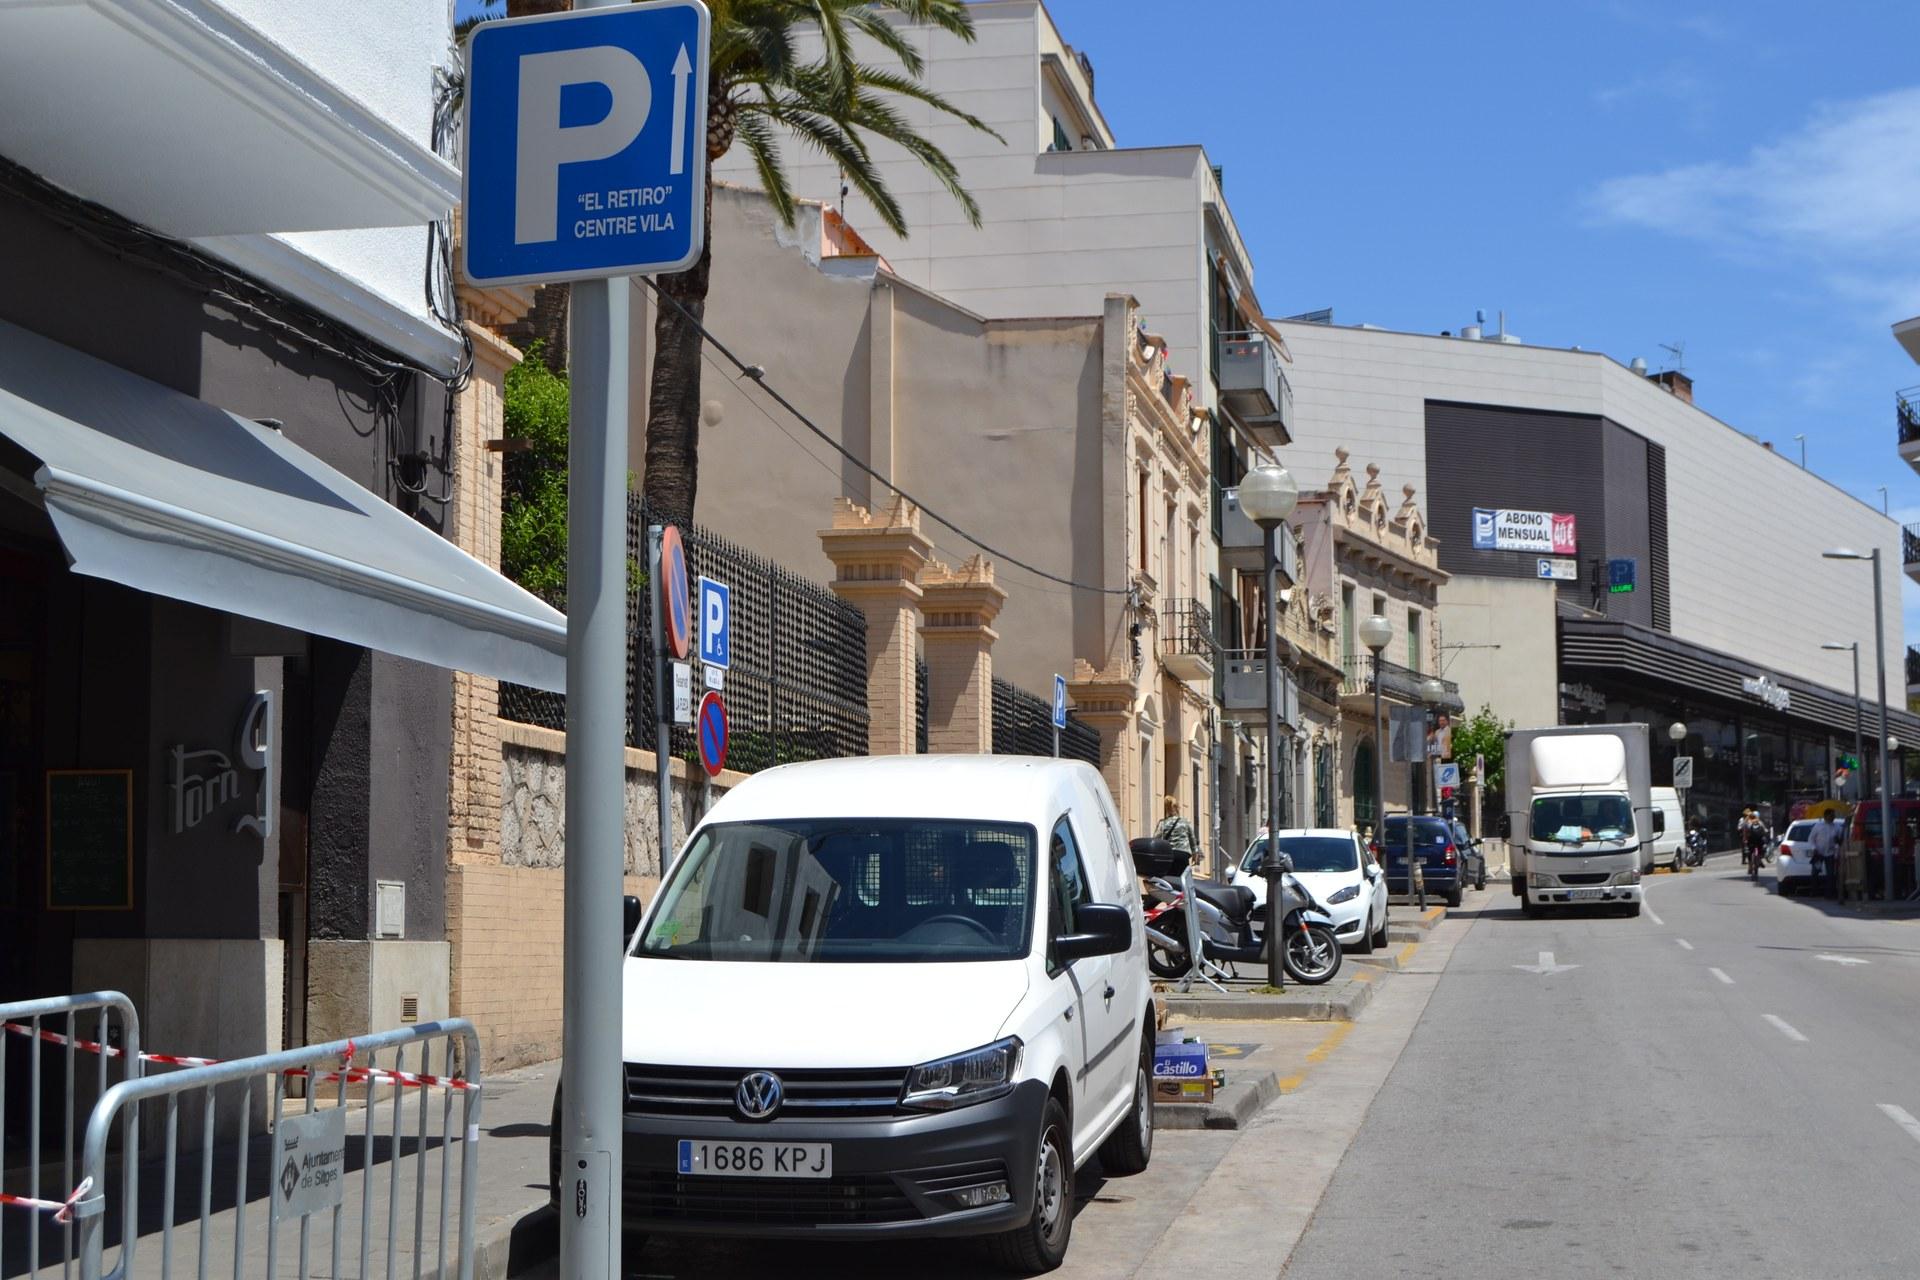 Els ficus del carrer Artur Carbonell i Hort Gran se substituiran per pereres i arbustos